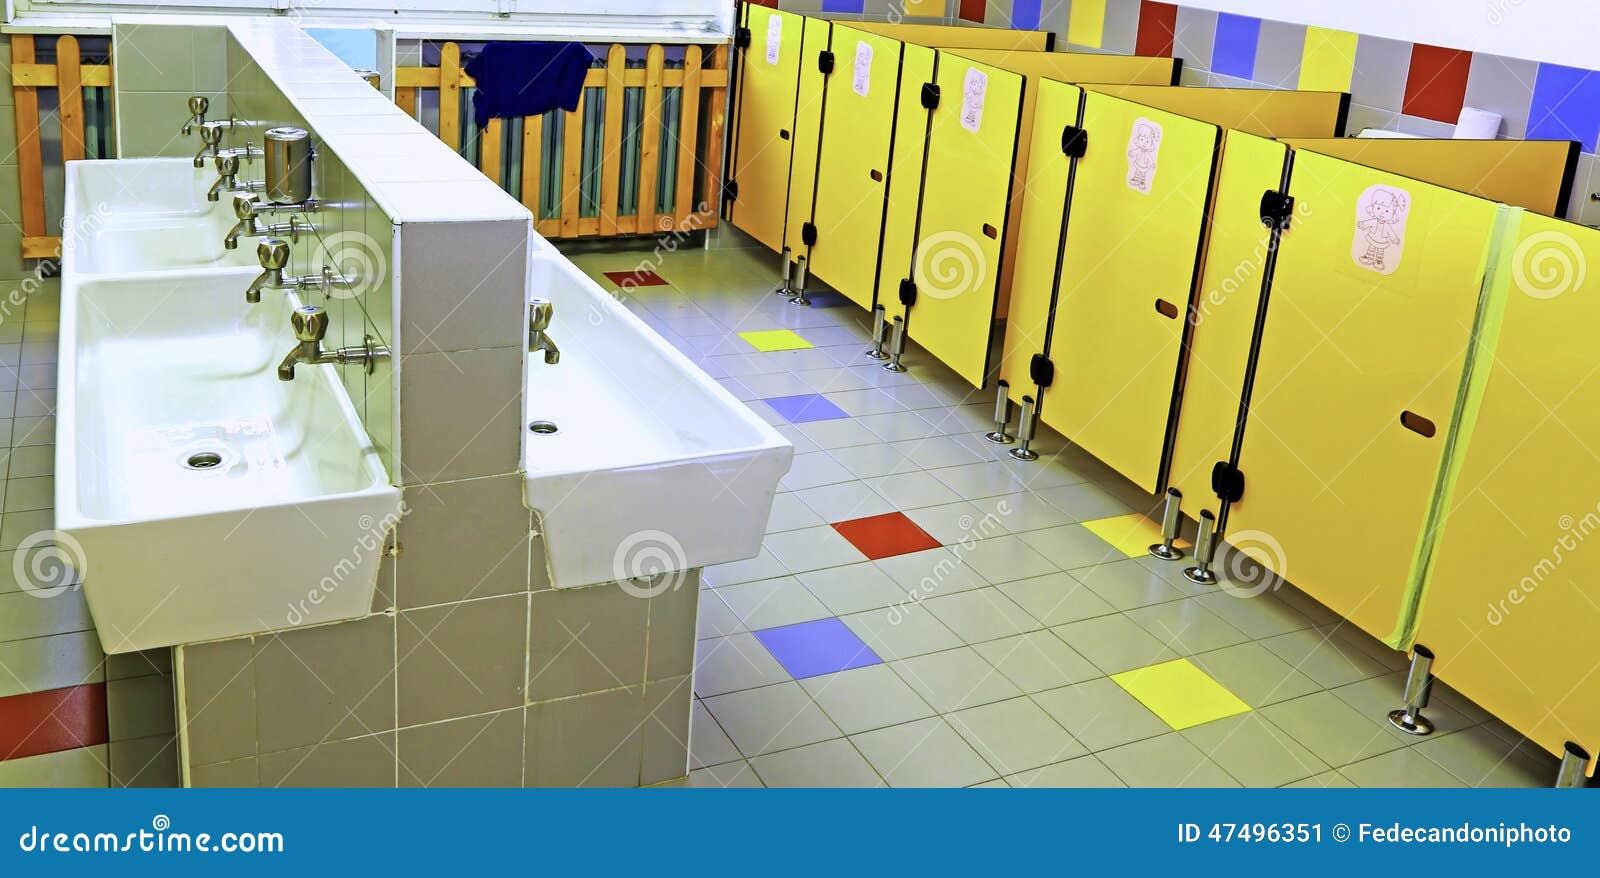 Badkamers Van Een Kinderdagverblijf Met Witte Gootstenen En Gele Toiletdeuren # Wasbak Klein_044211